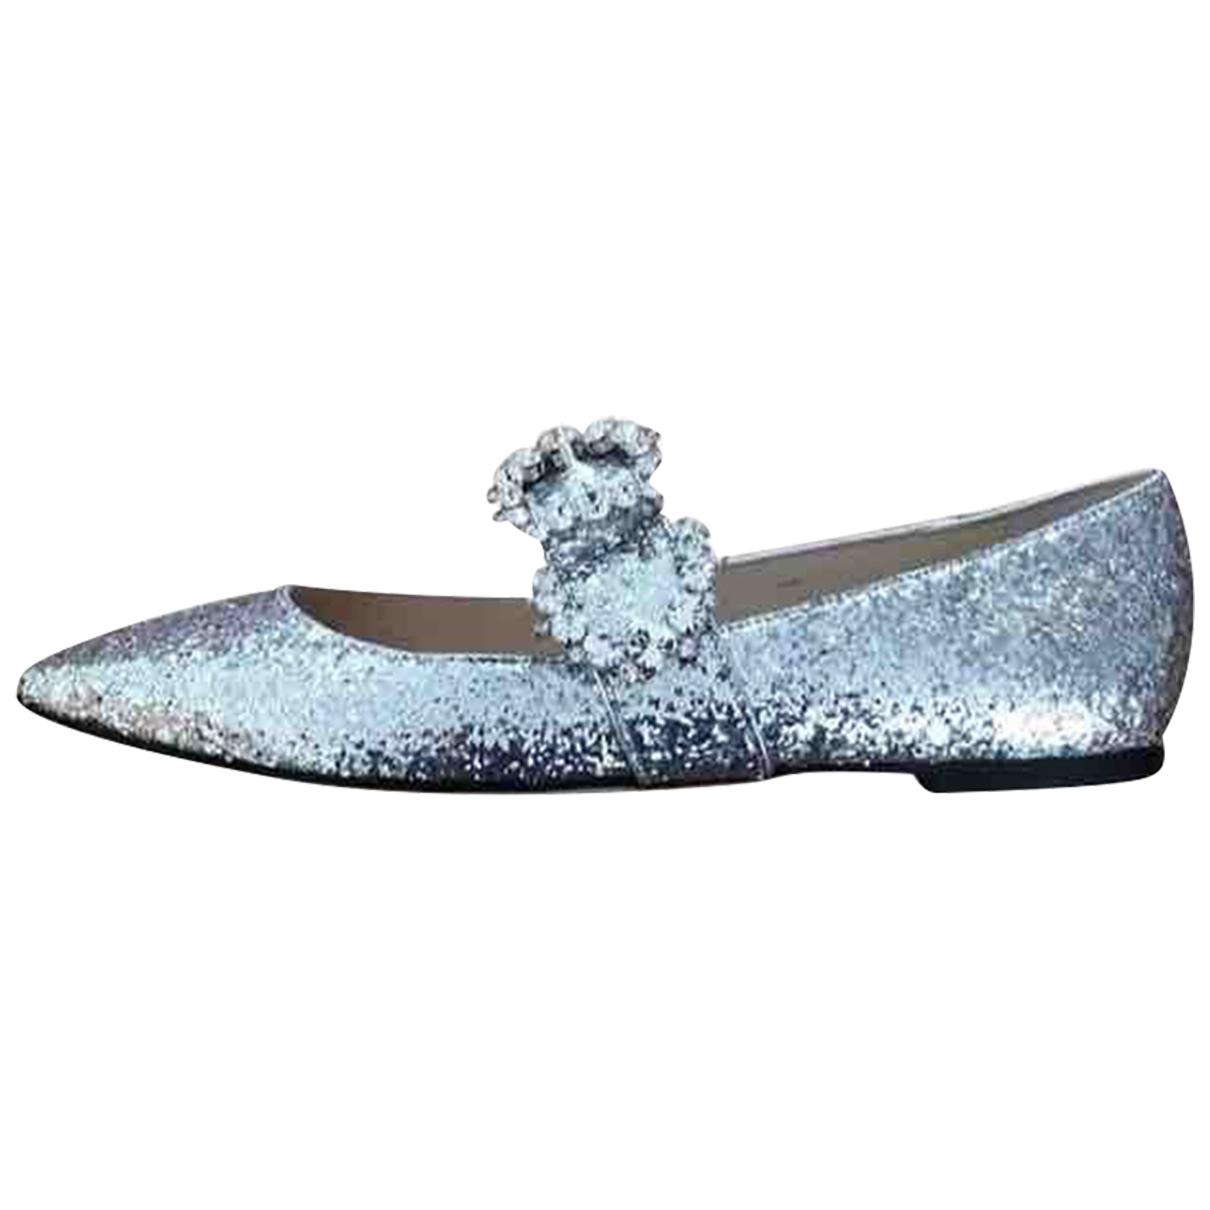 Jimmy Choo \N Ballerinas in  Silber Mit Pailletten